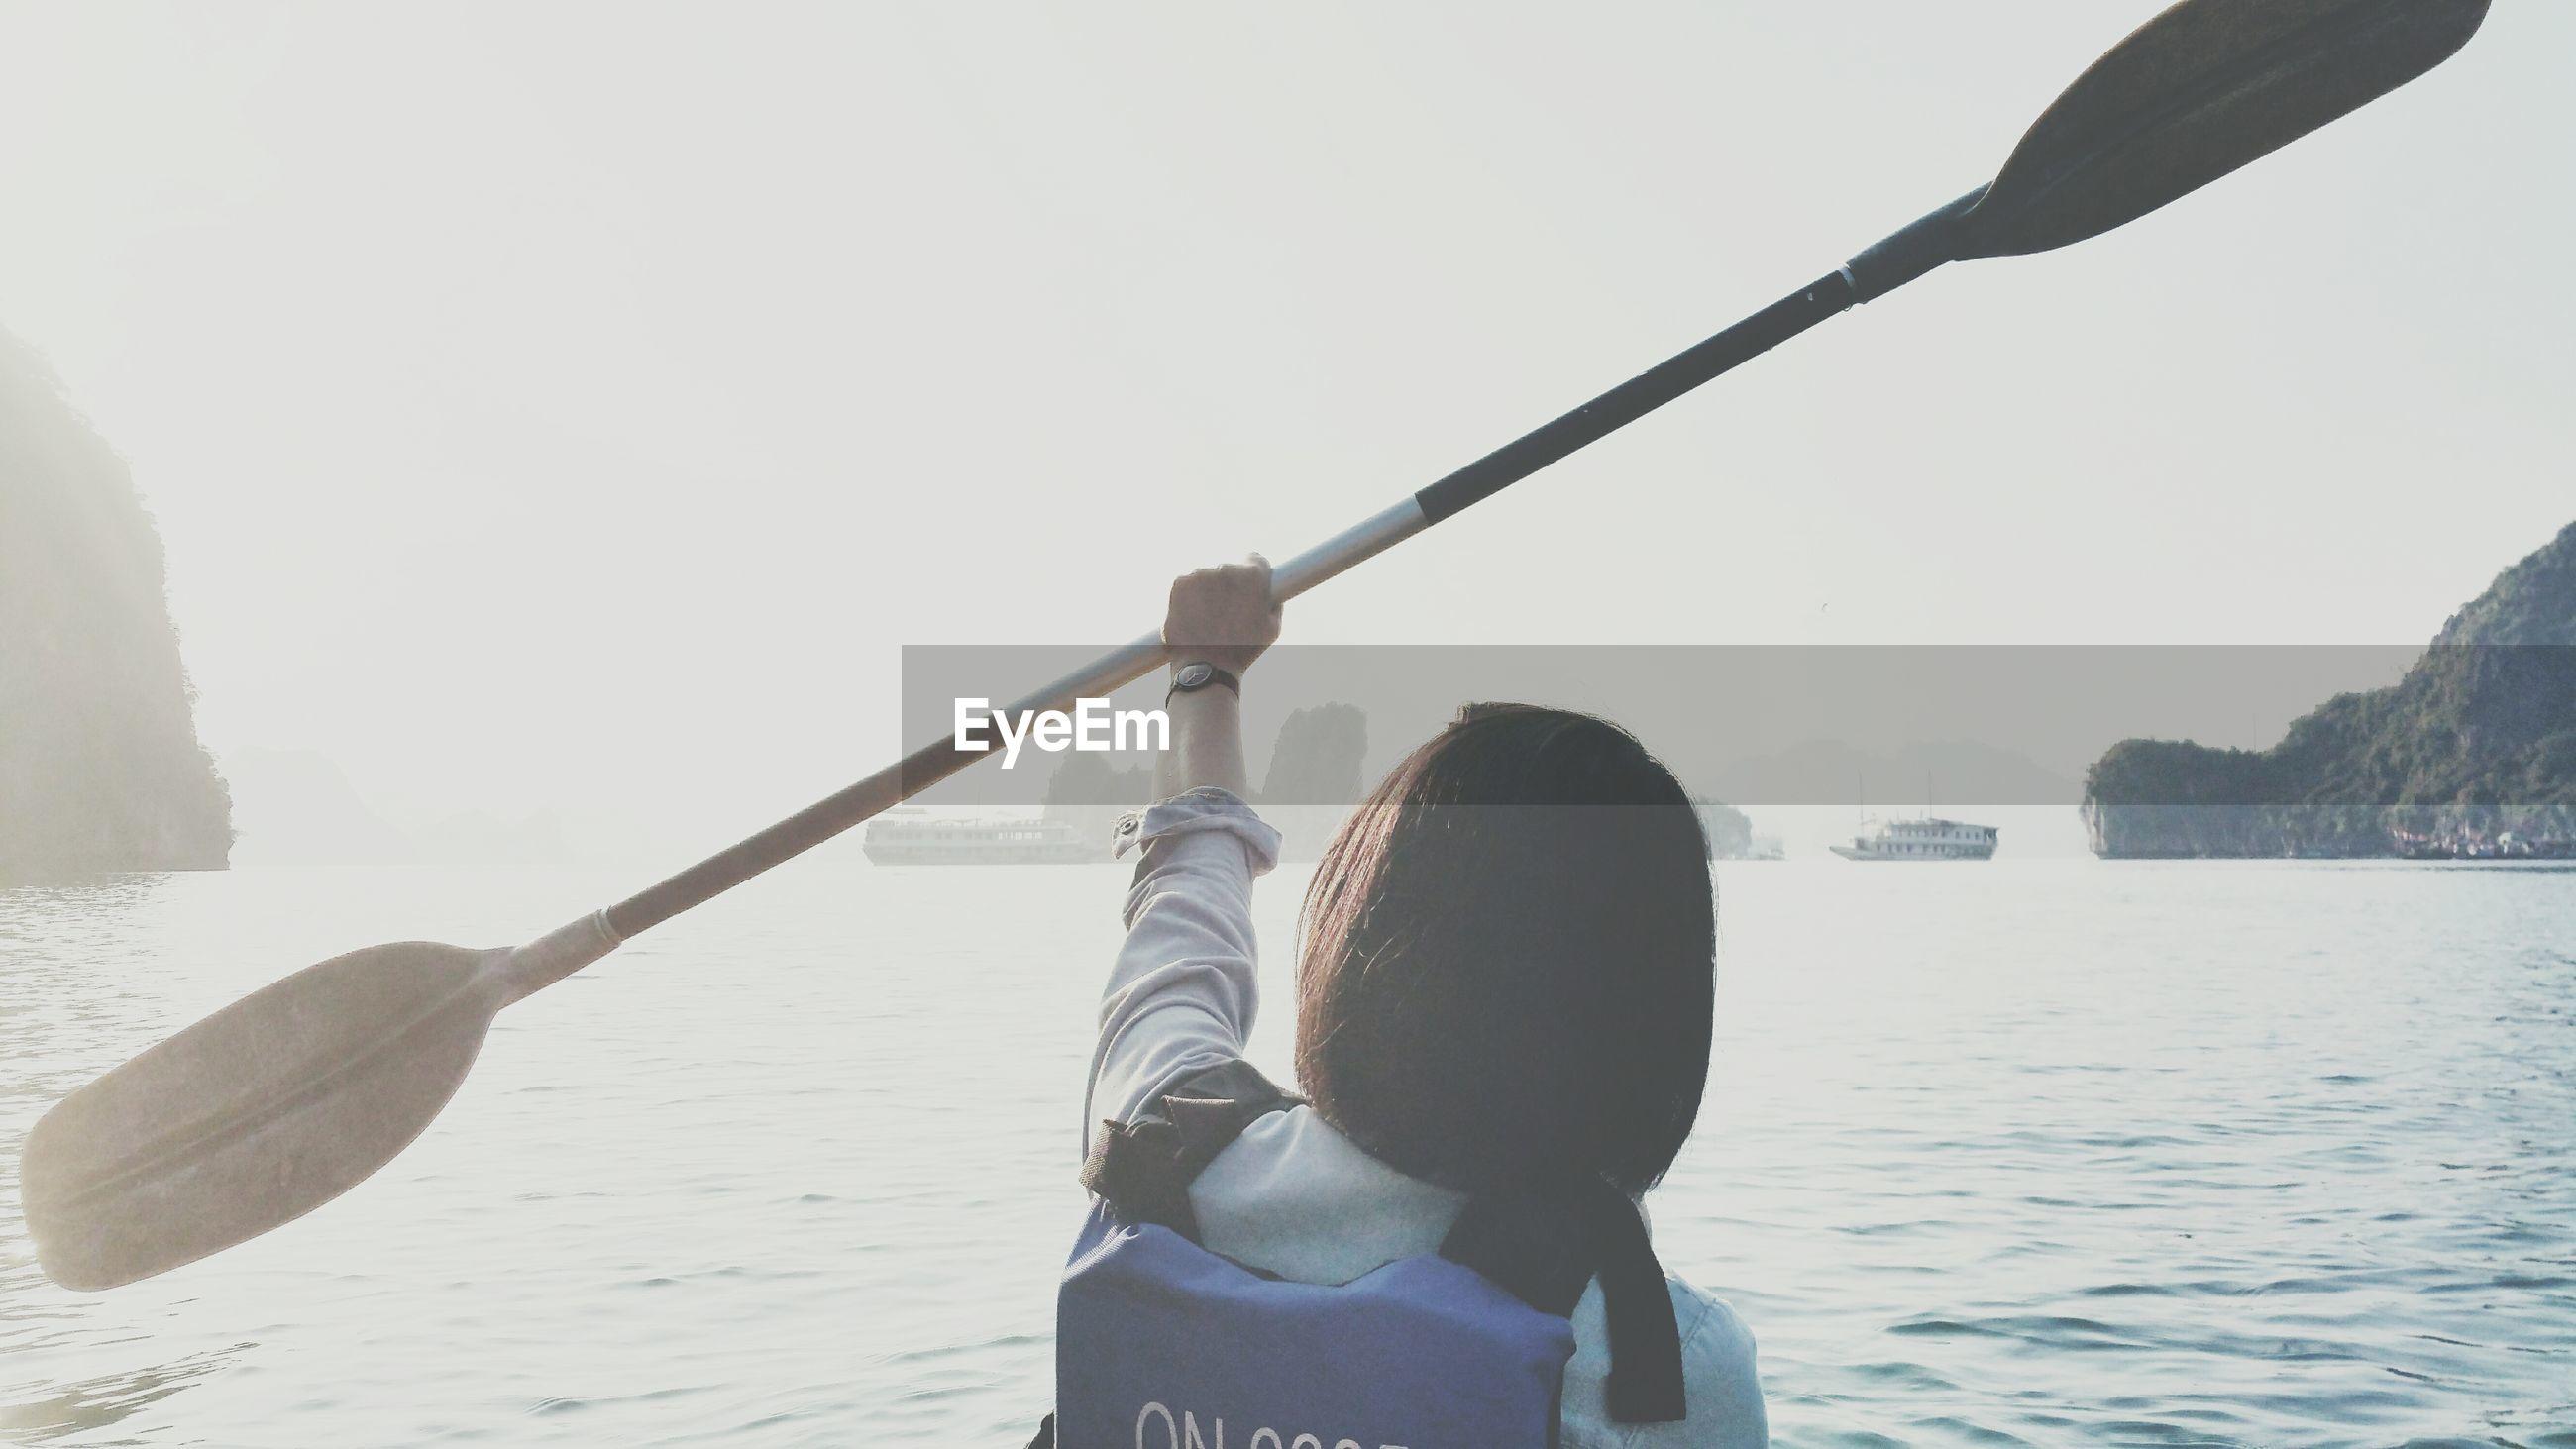 Rear view of woman holding oar on lake